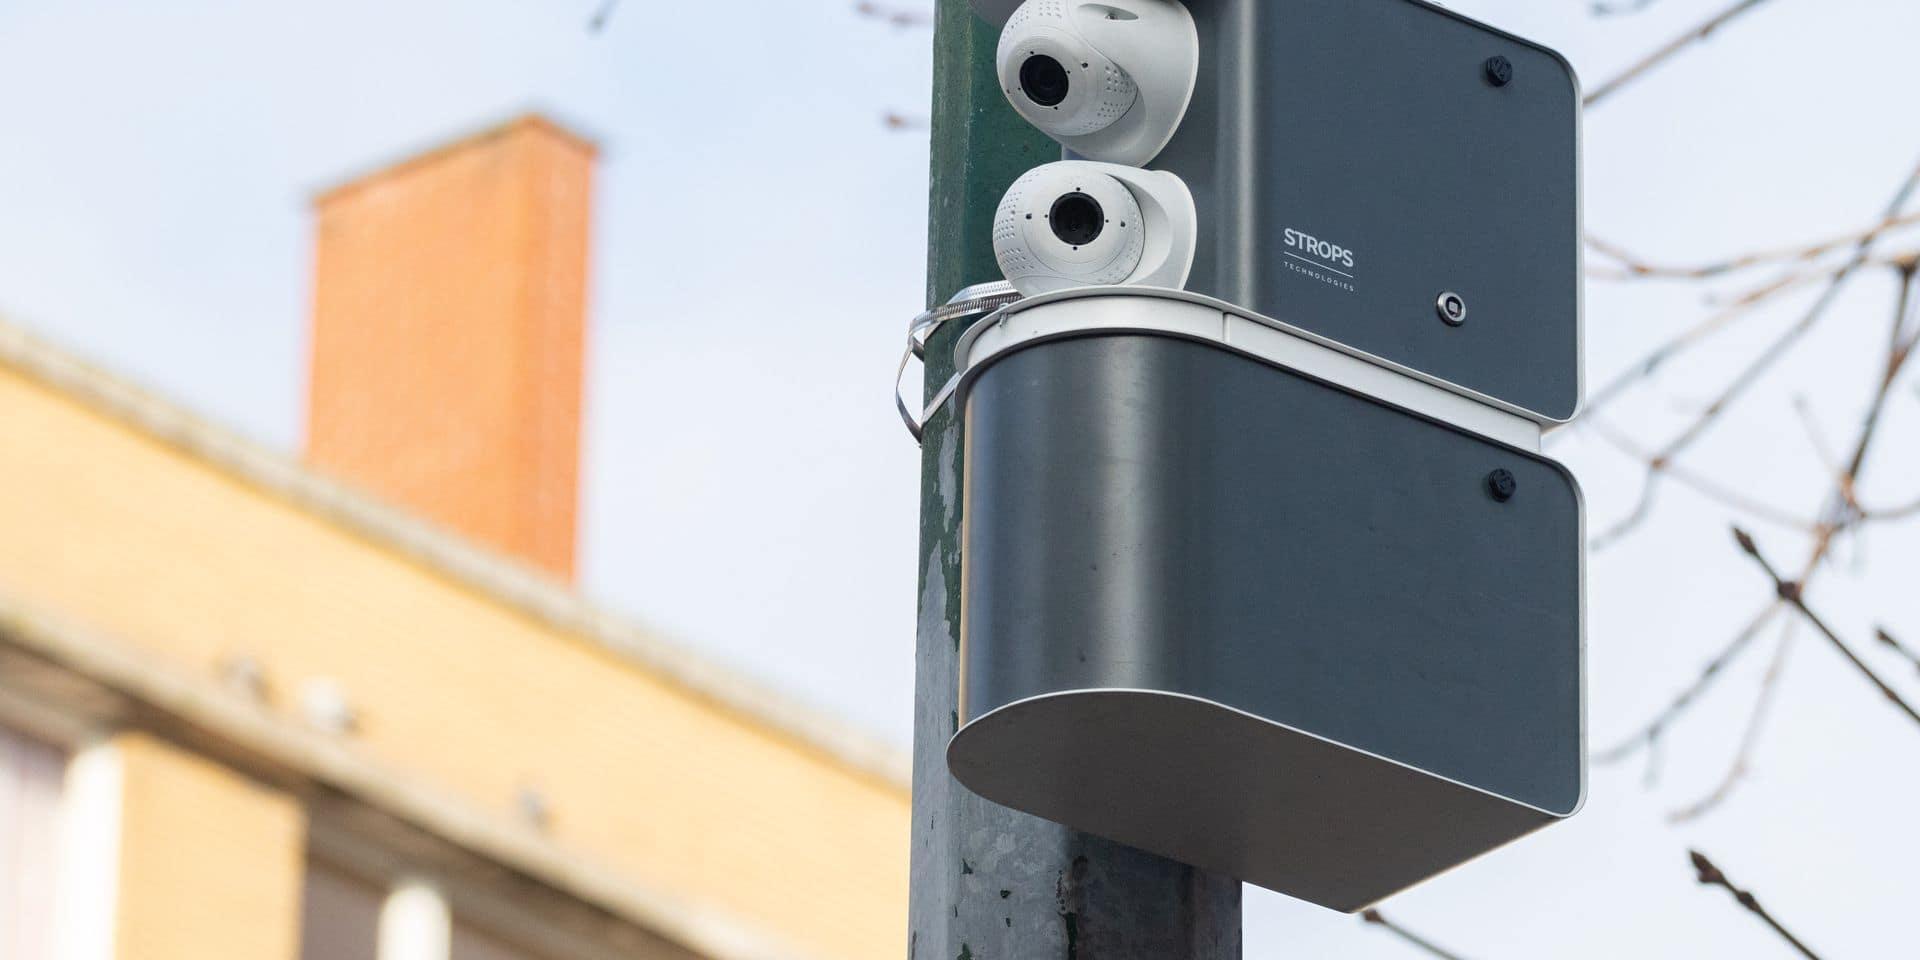 Des caméras pour lutter contre les incivilités